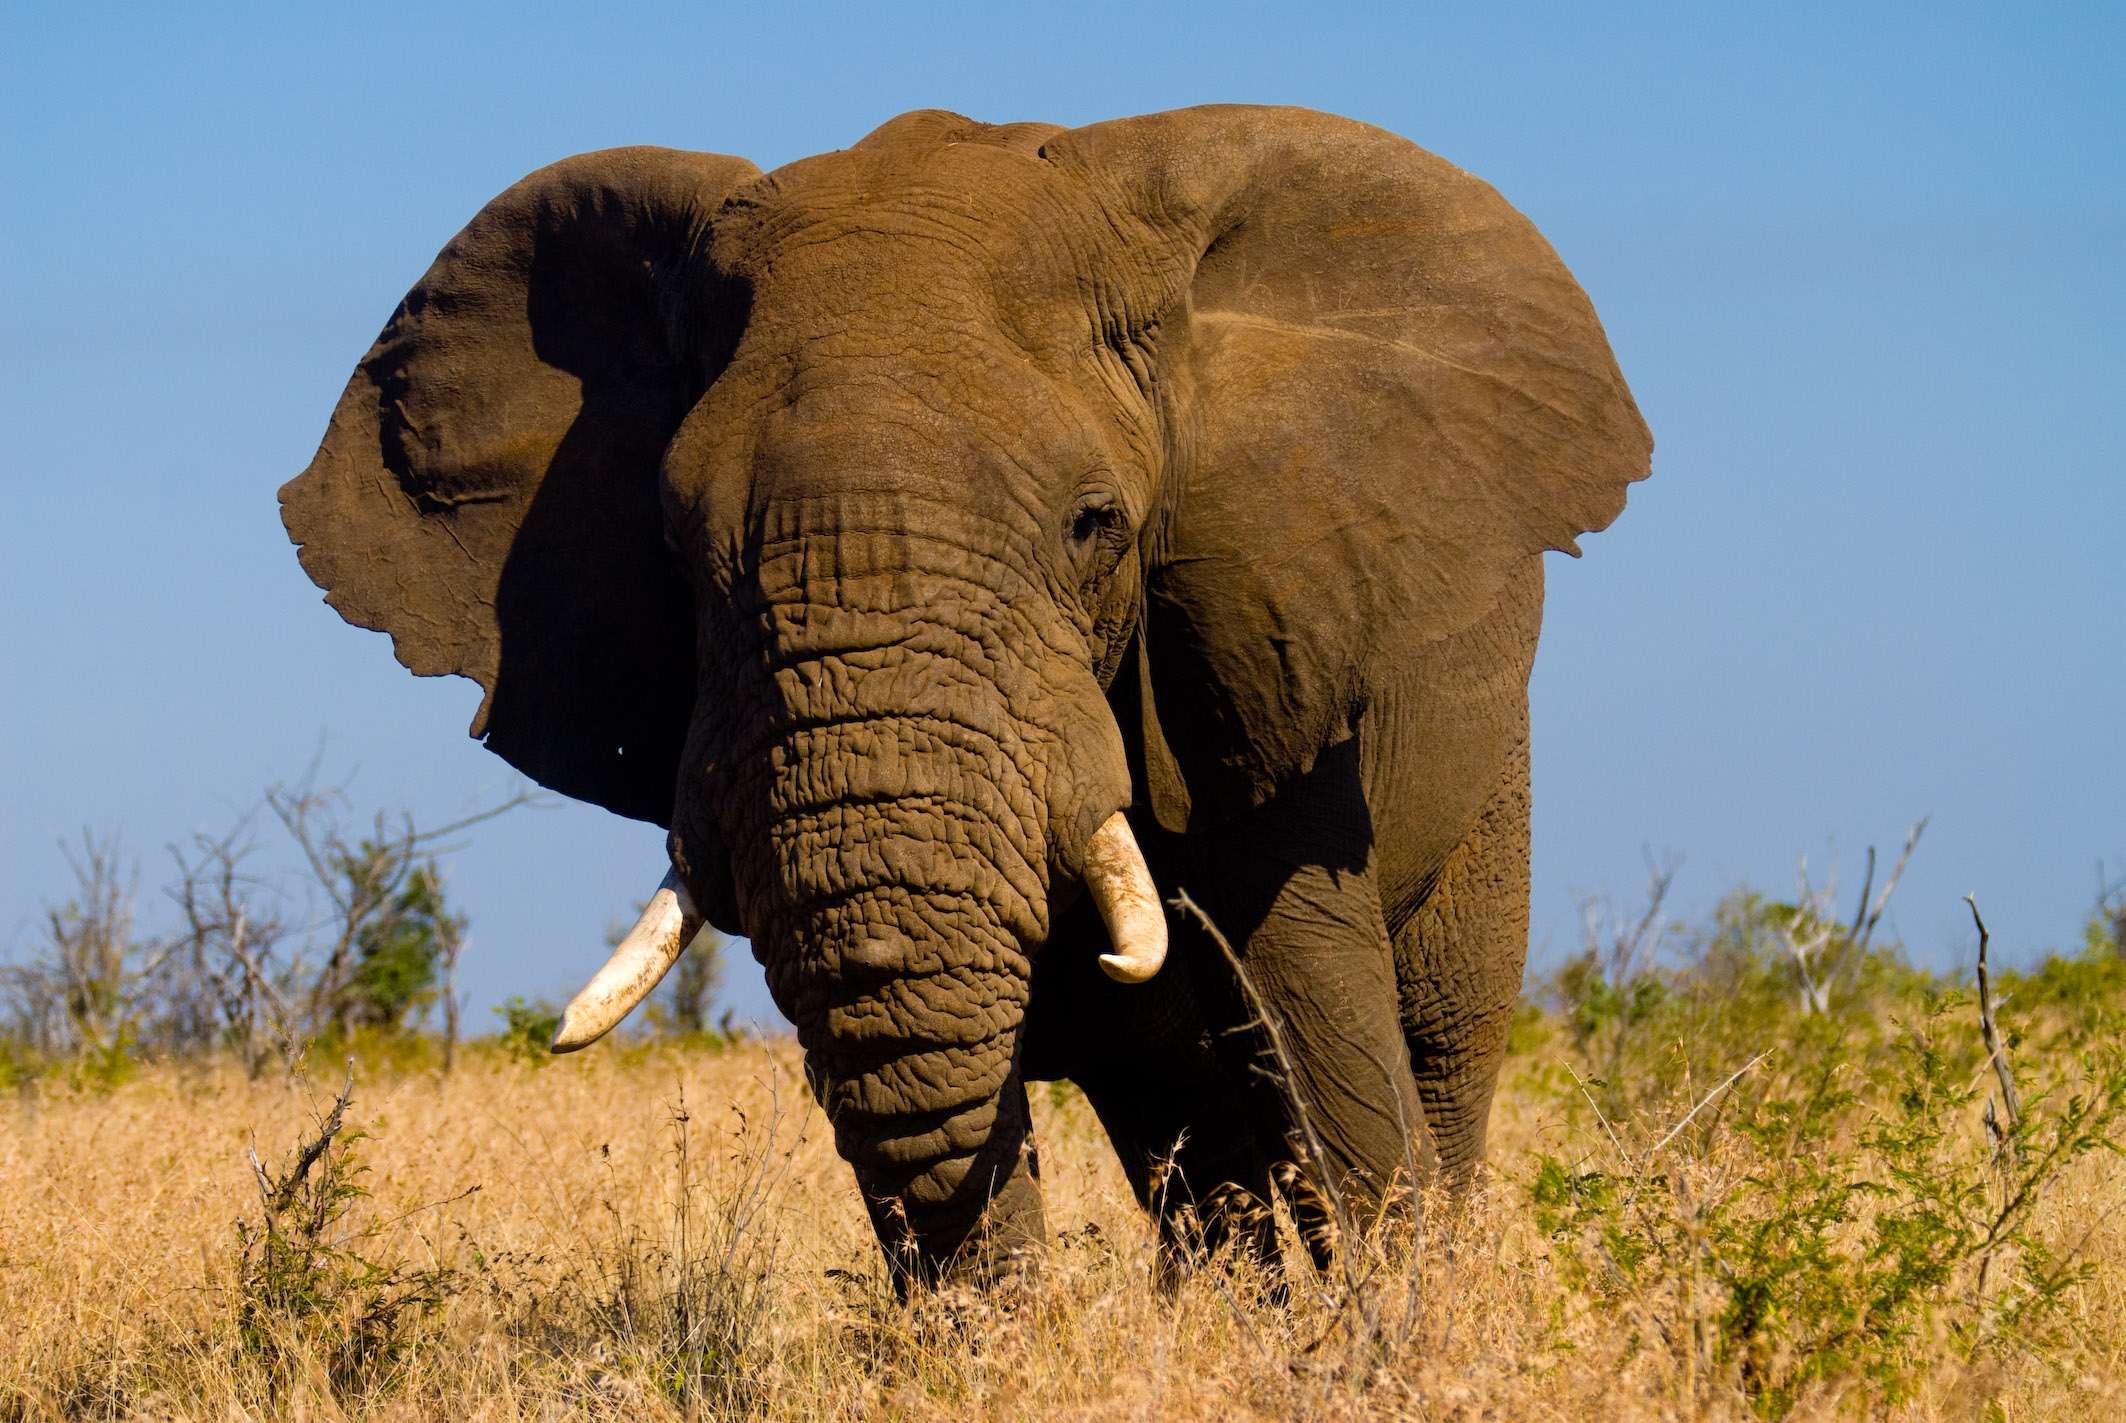 Elefant Tembo im Krügerpark, © Dirk Bleyer